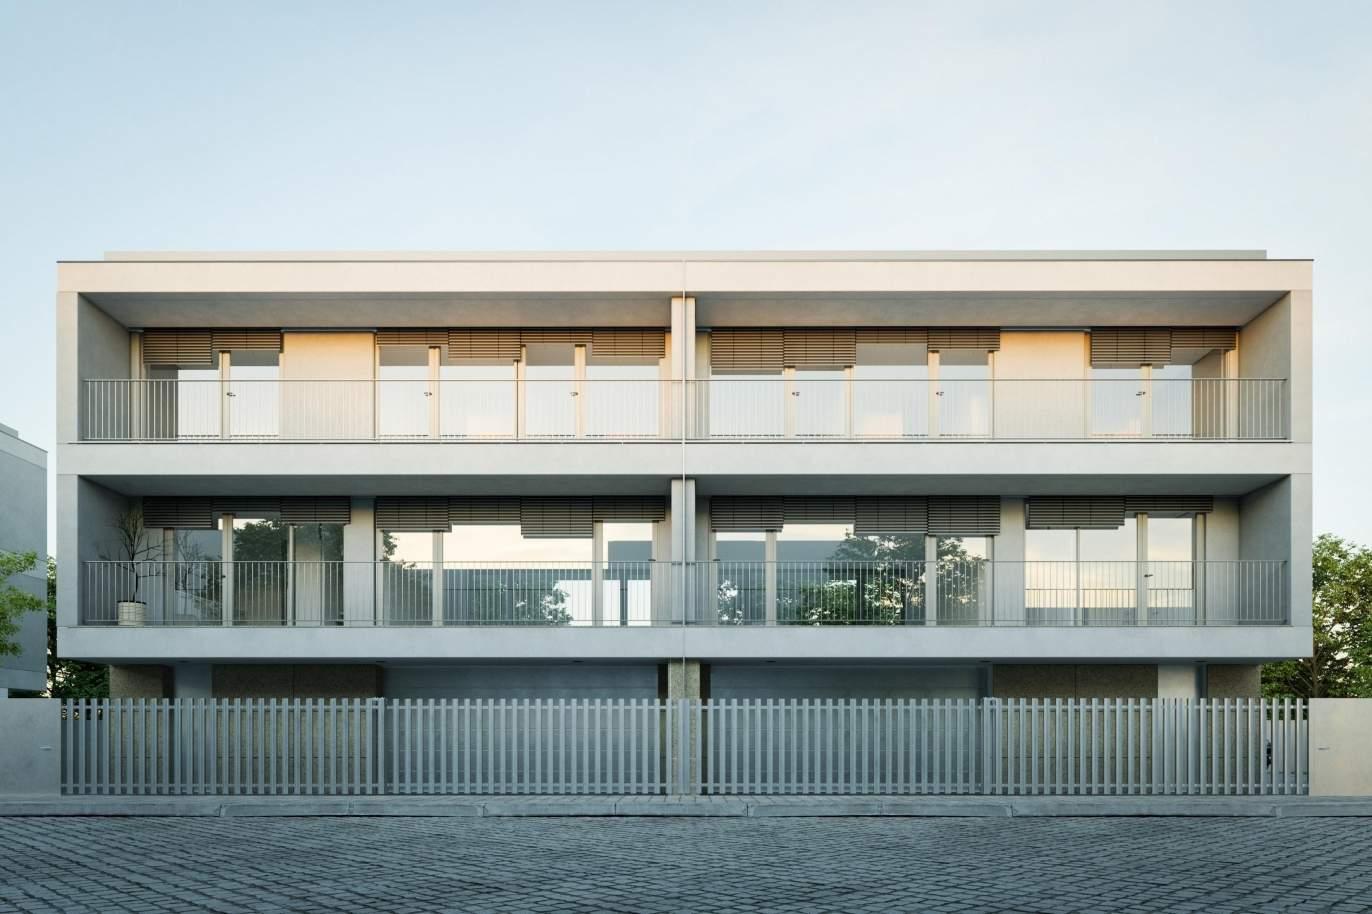 new-3-bedroom-villa-with-garden-for-sale-in-boavista-porto-portugal